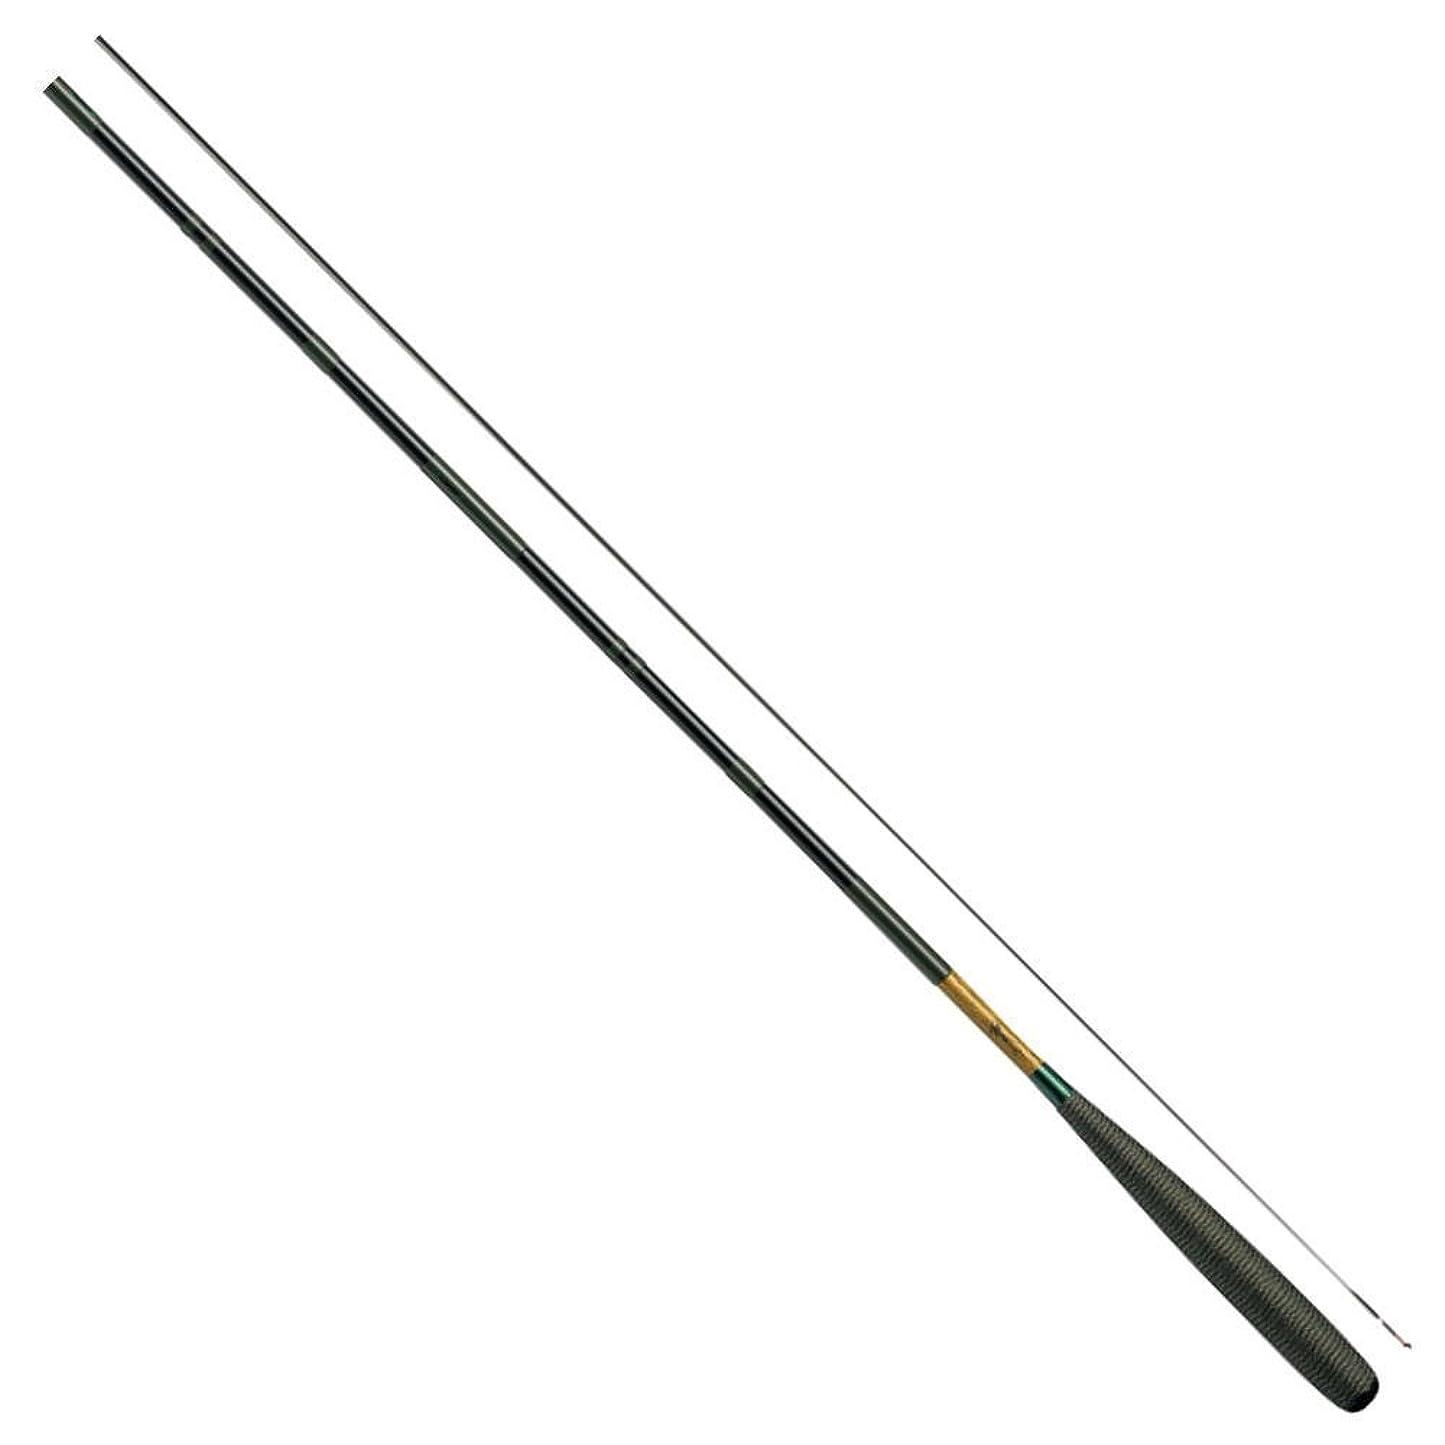 避難クマノミつまずくダイワ(Daiwa) へら竿 聖 12尺 釣り竿